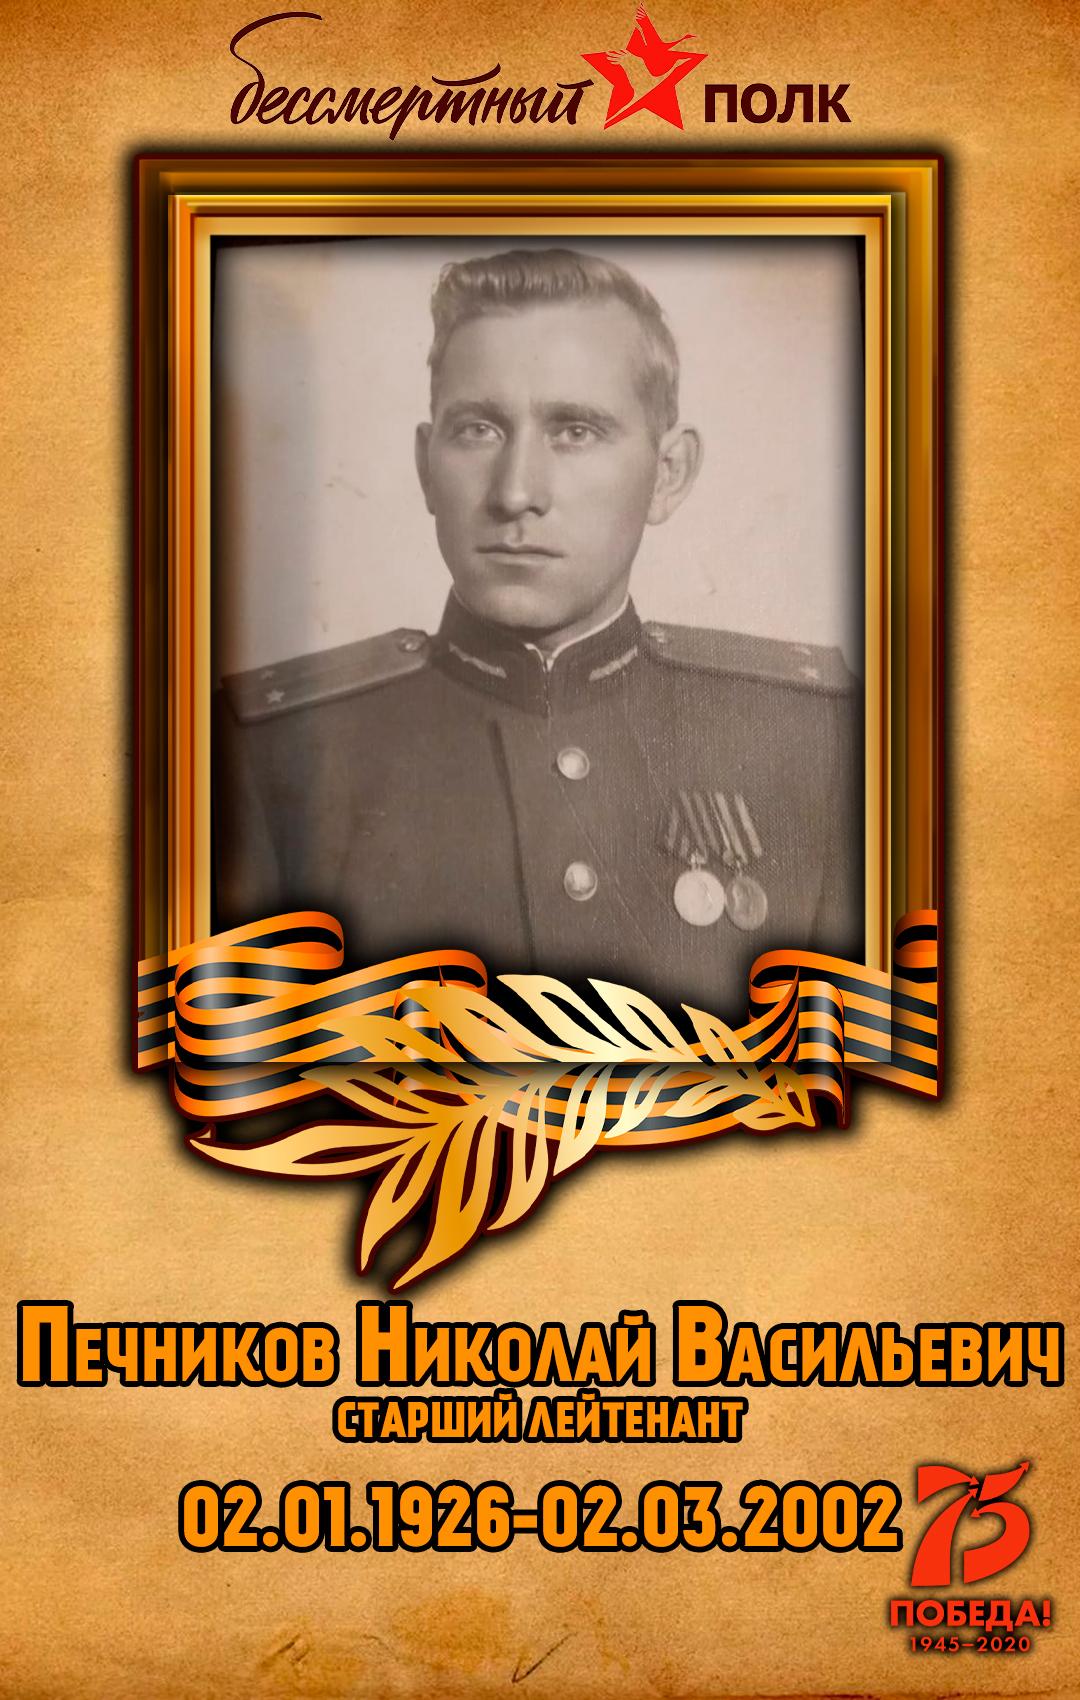 Печников-Николай-Васильевич